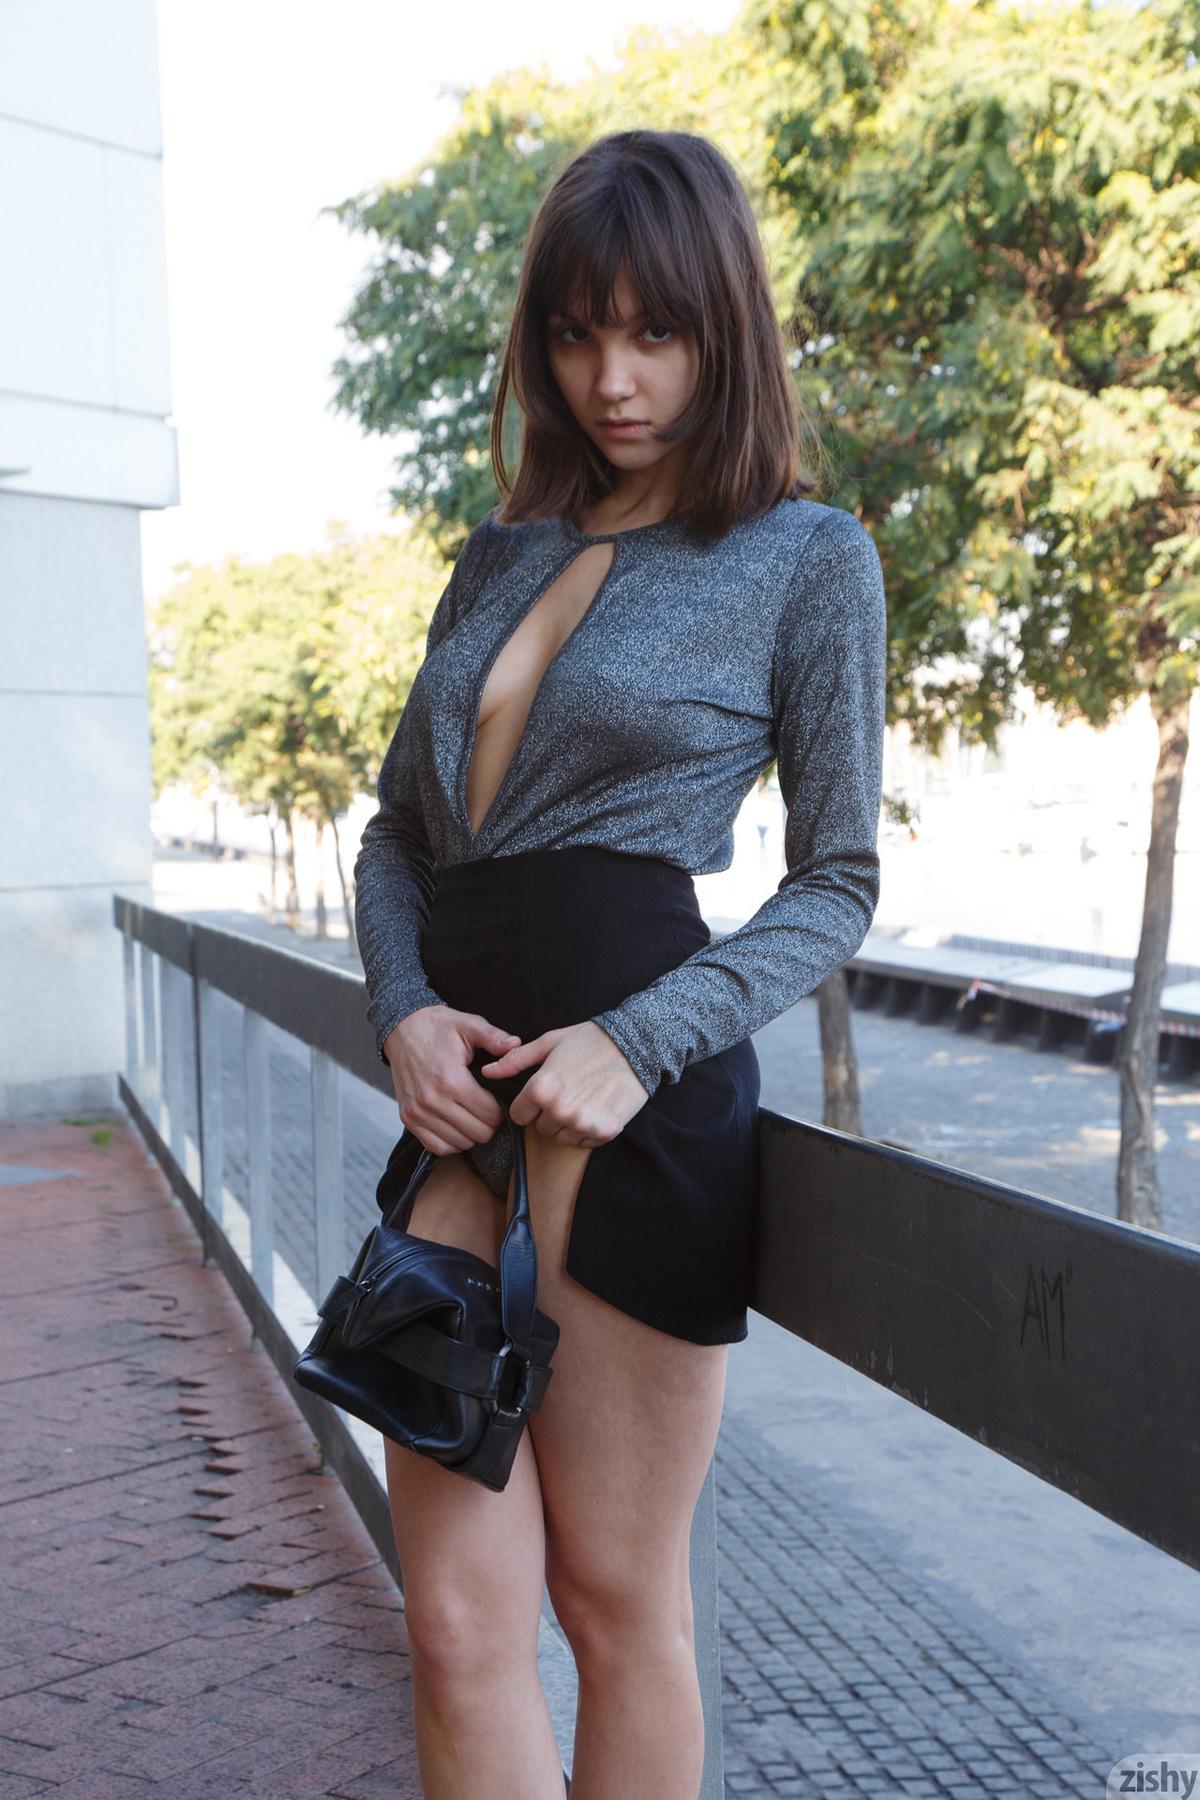 http://content9.chickteases.com/zishy.com/0621/03.jpg